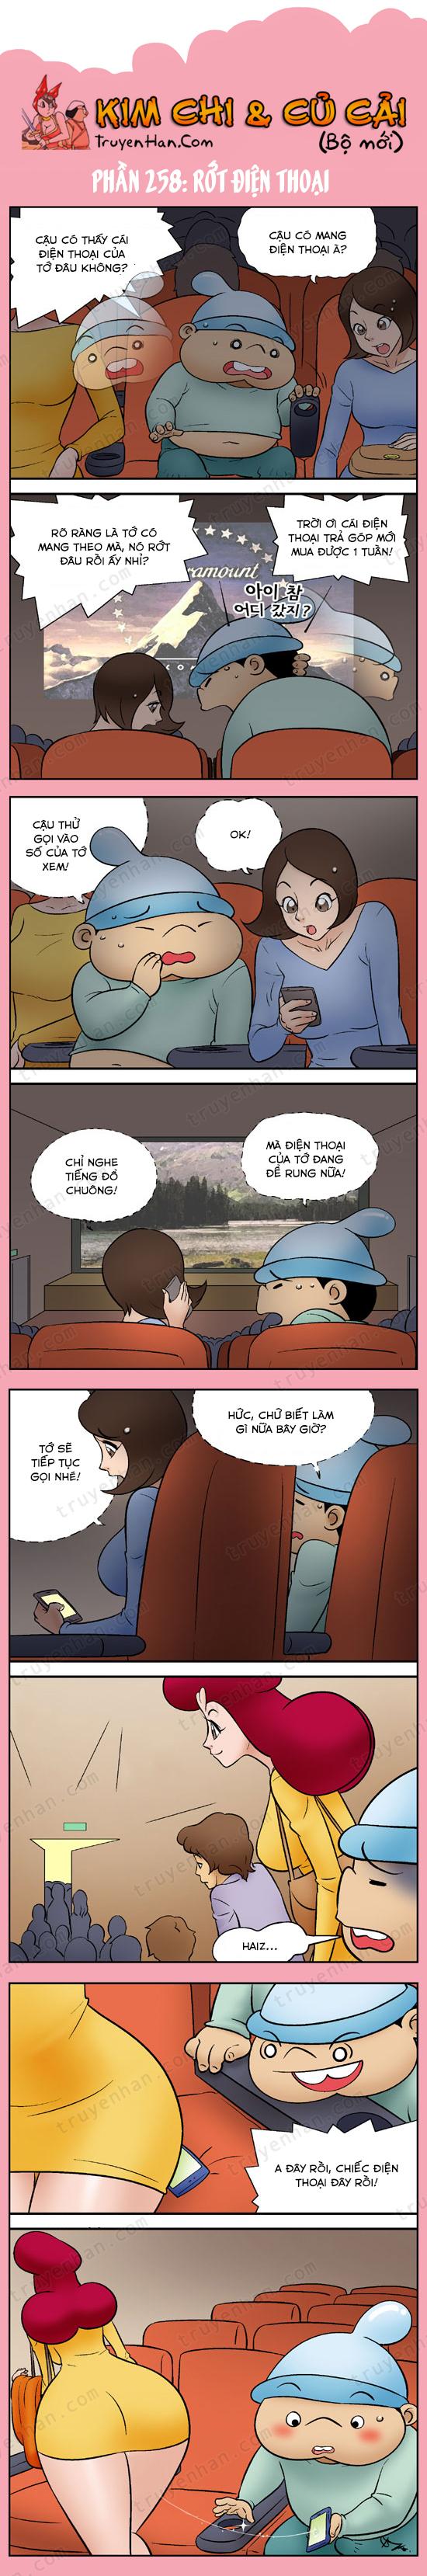 Kim Chi & Củ Cải (bộ mới) phần 258: Rớt điện thoại